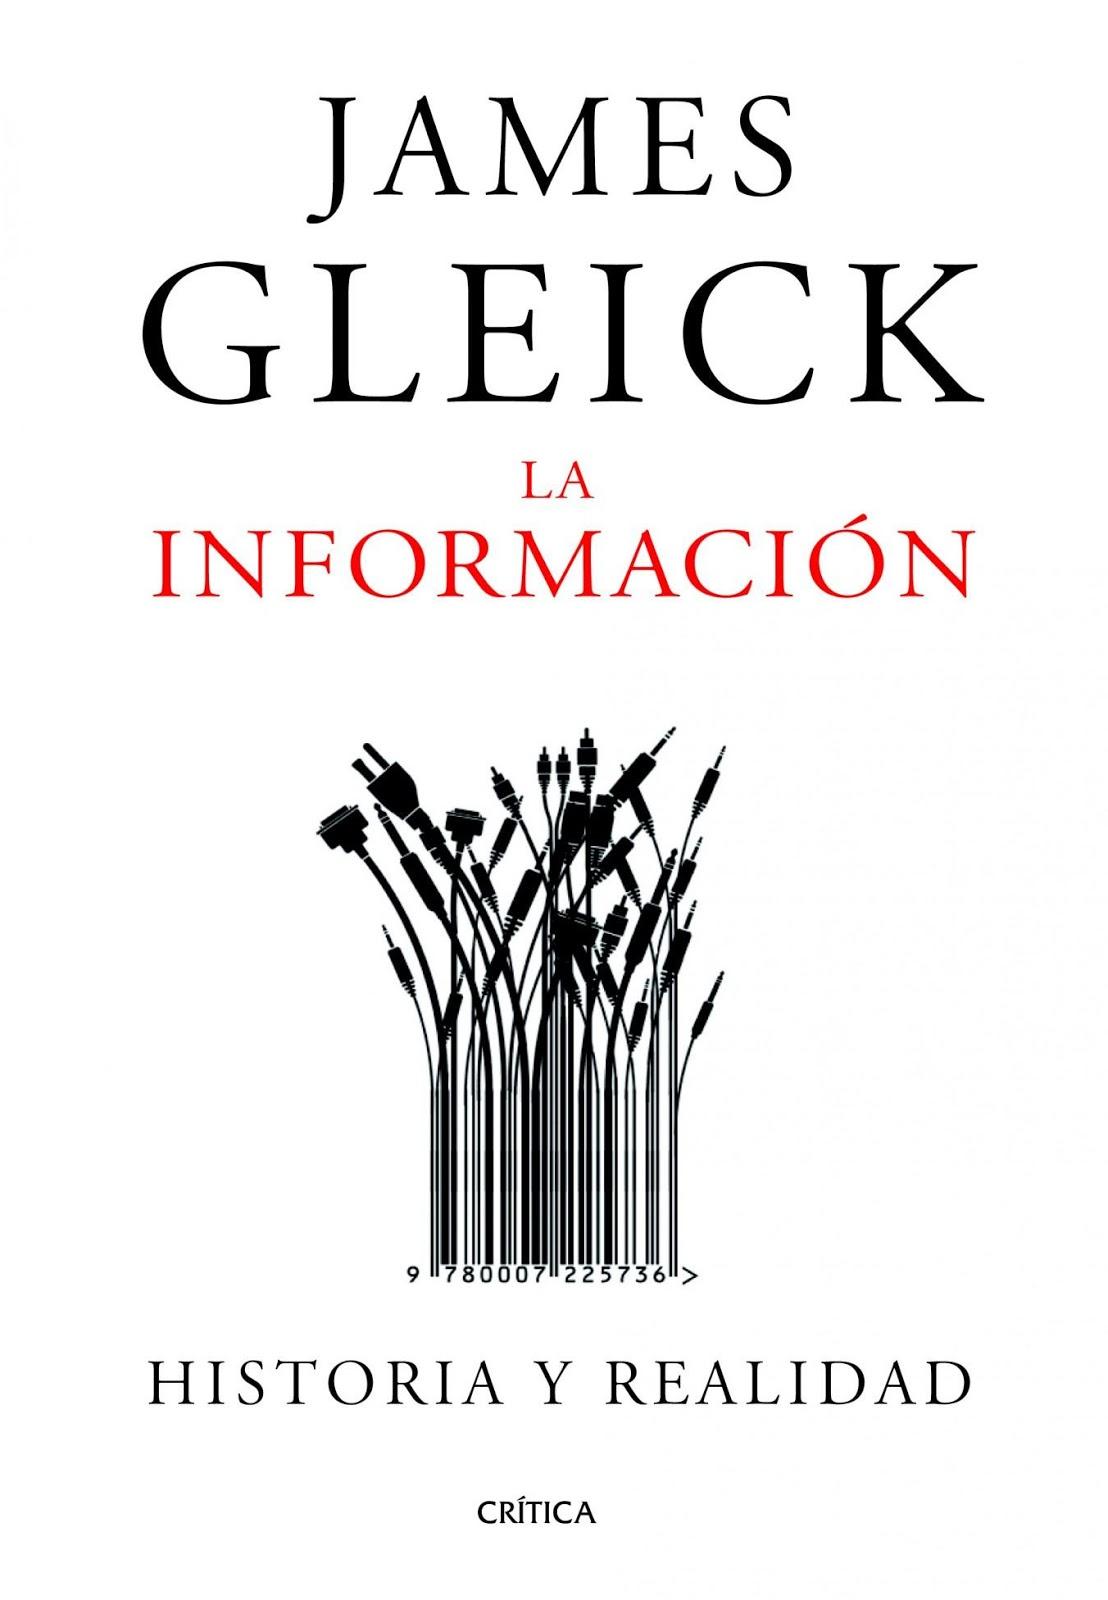 La informacion, James Gleick